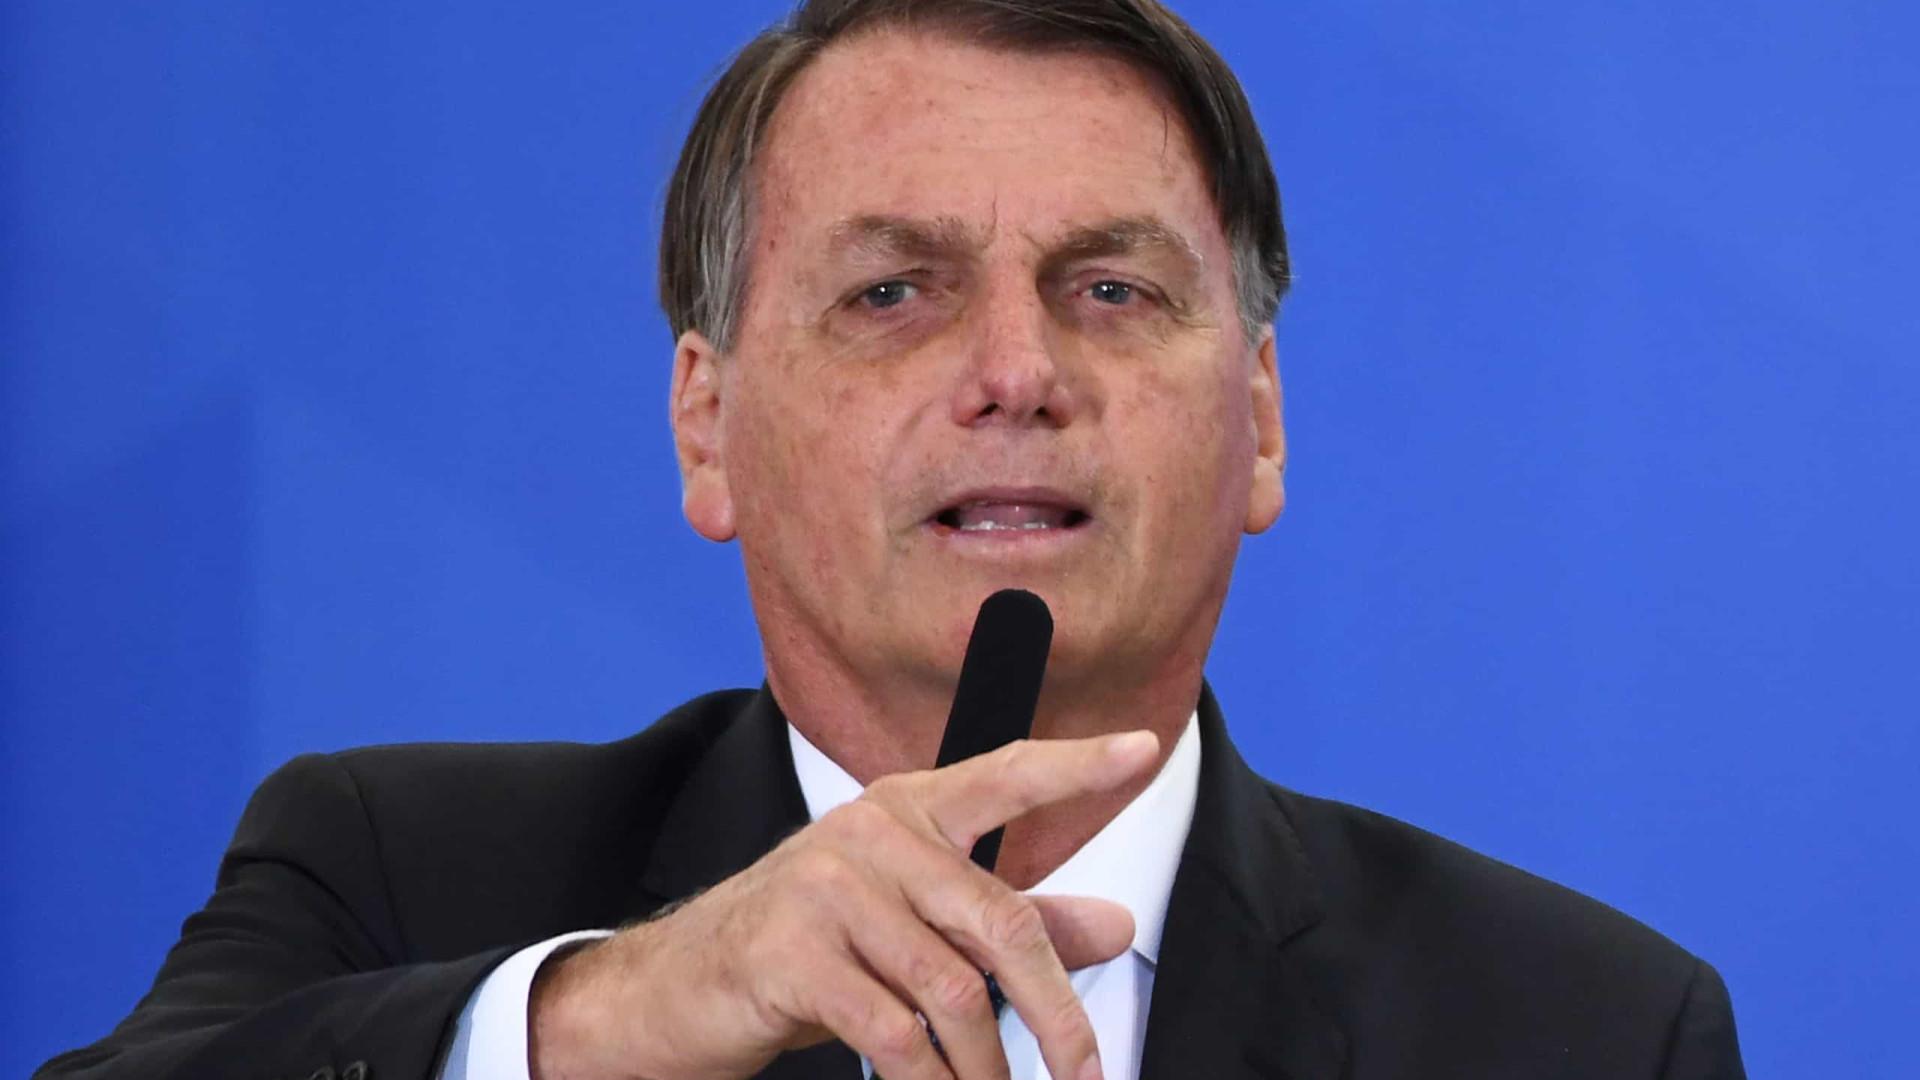 A investidores, Bolsonaro defende teto, agenda de privatizações e reformas